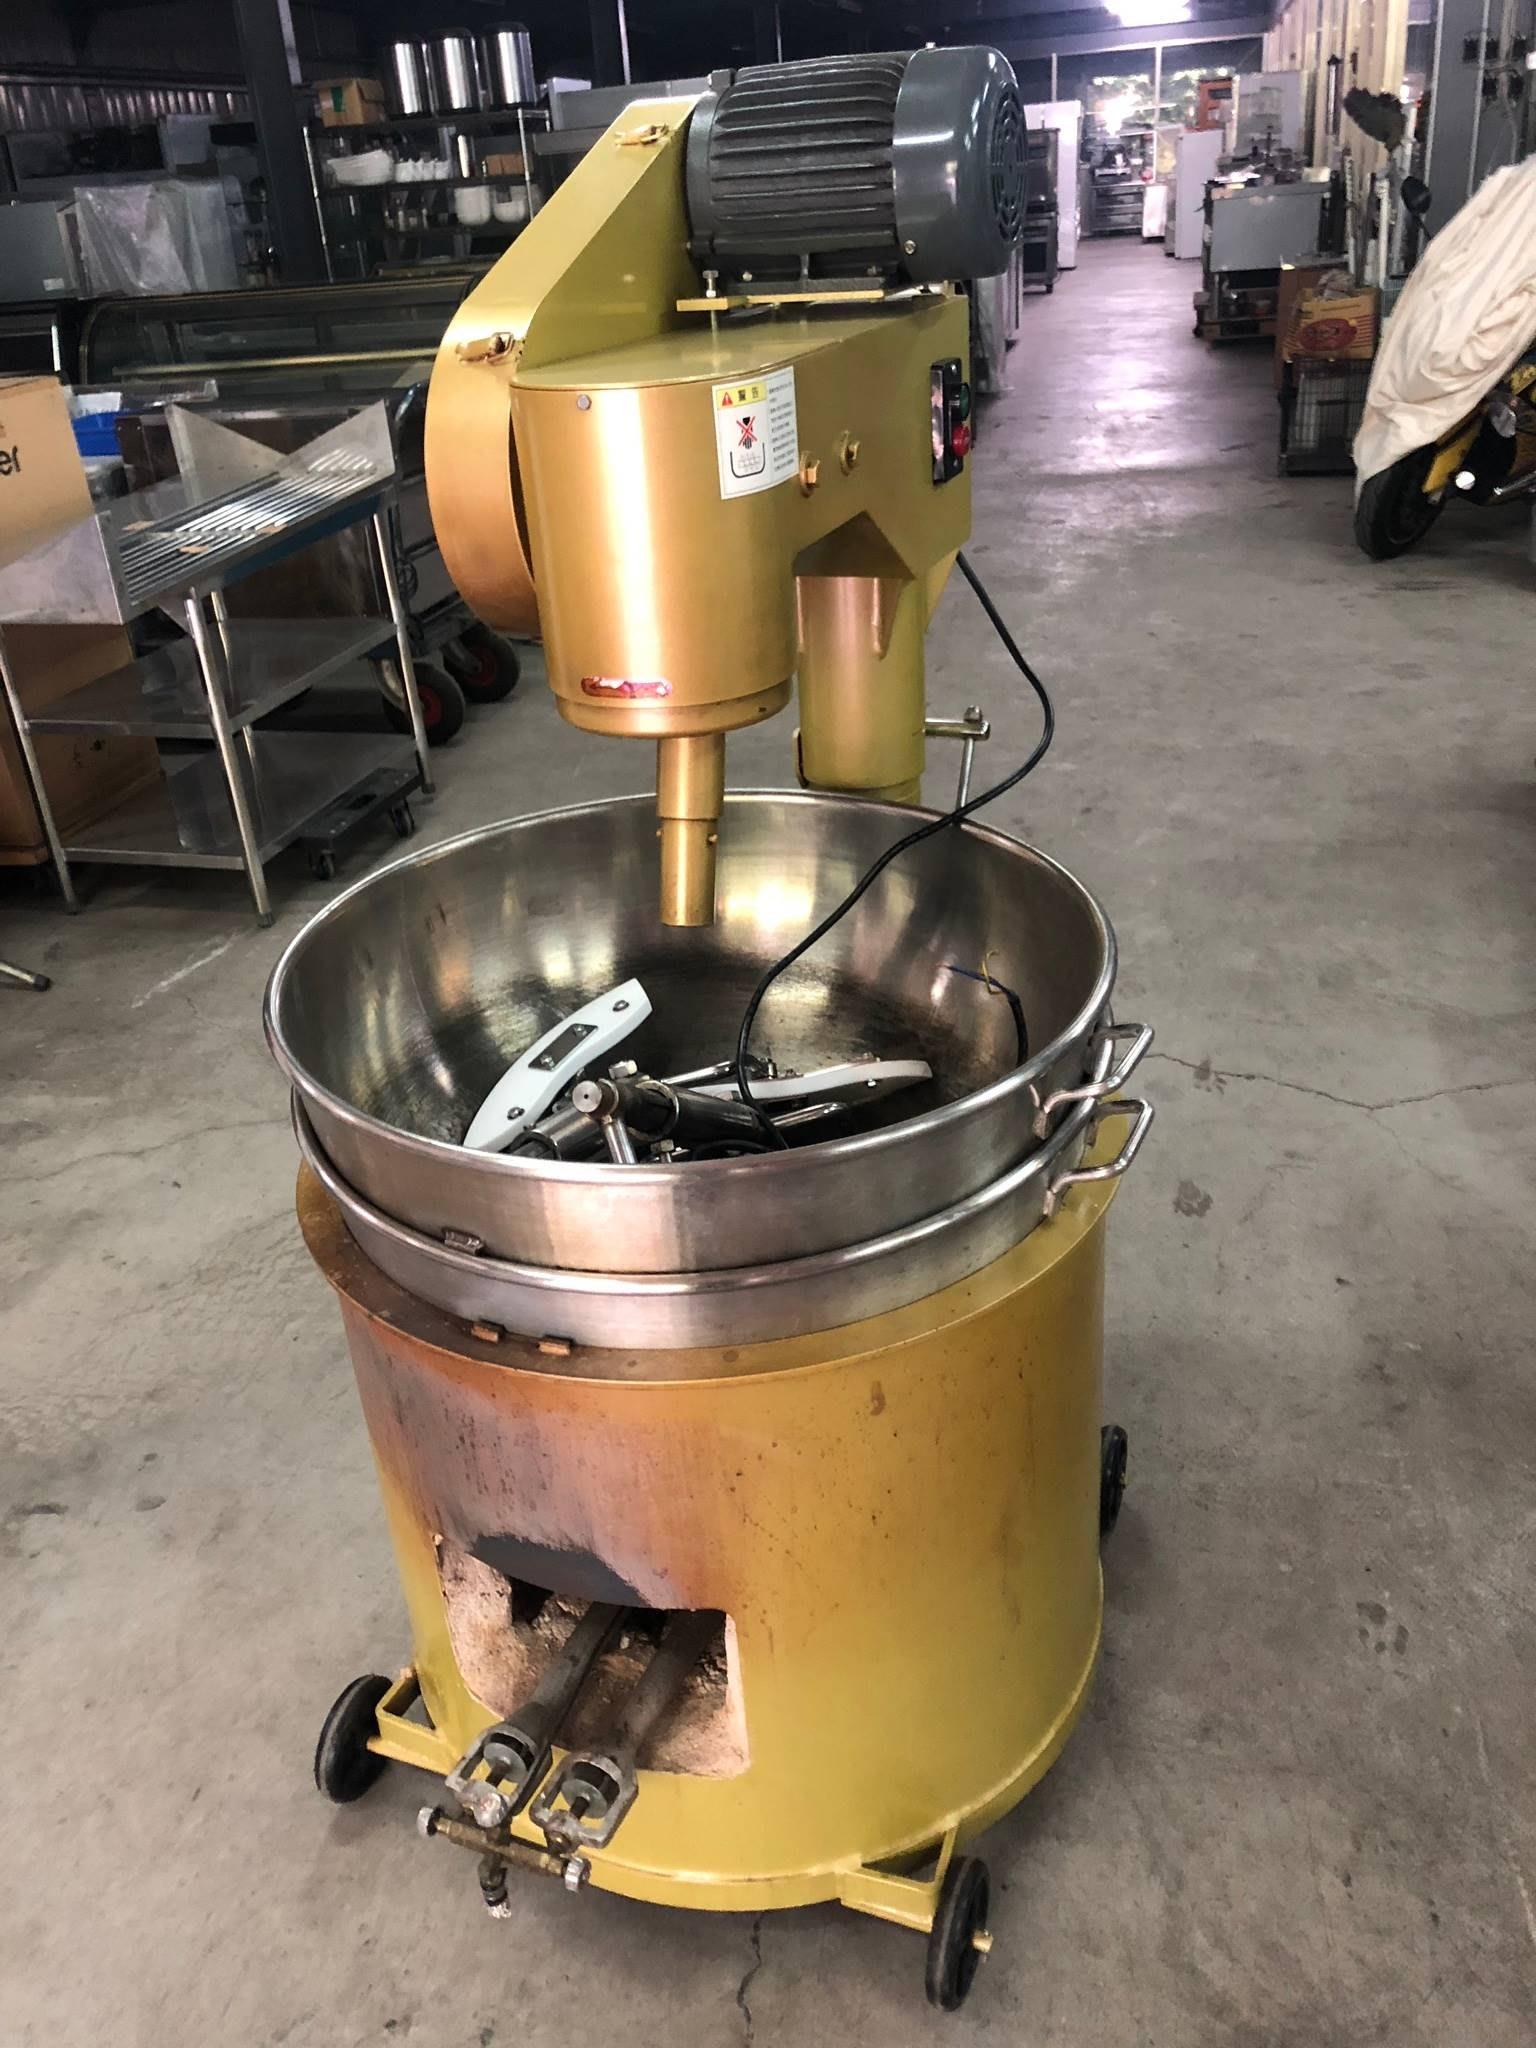 達慶餐飲設備 八里展示倉庫 二手商品 炒食機(二鍋二攪拌棒) 炒餡機 炒糖機 煮醬